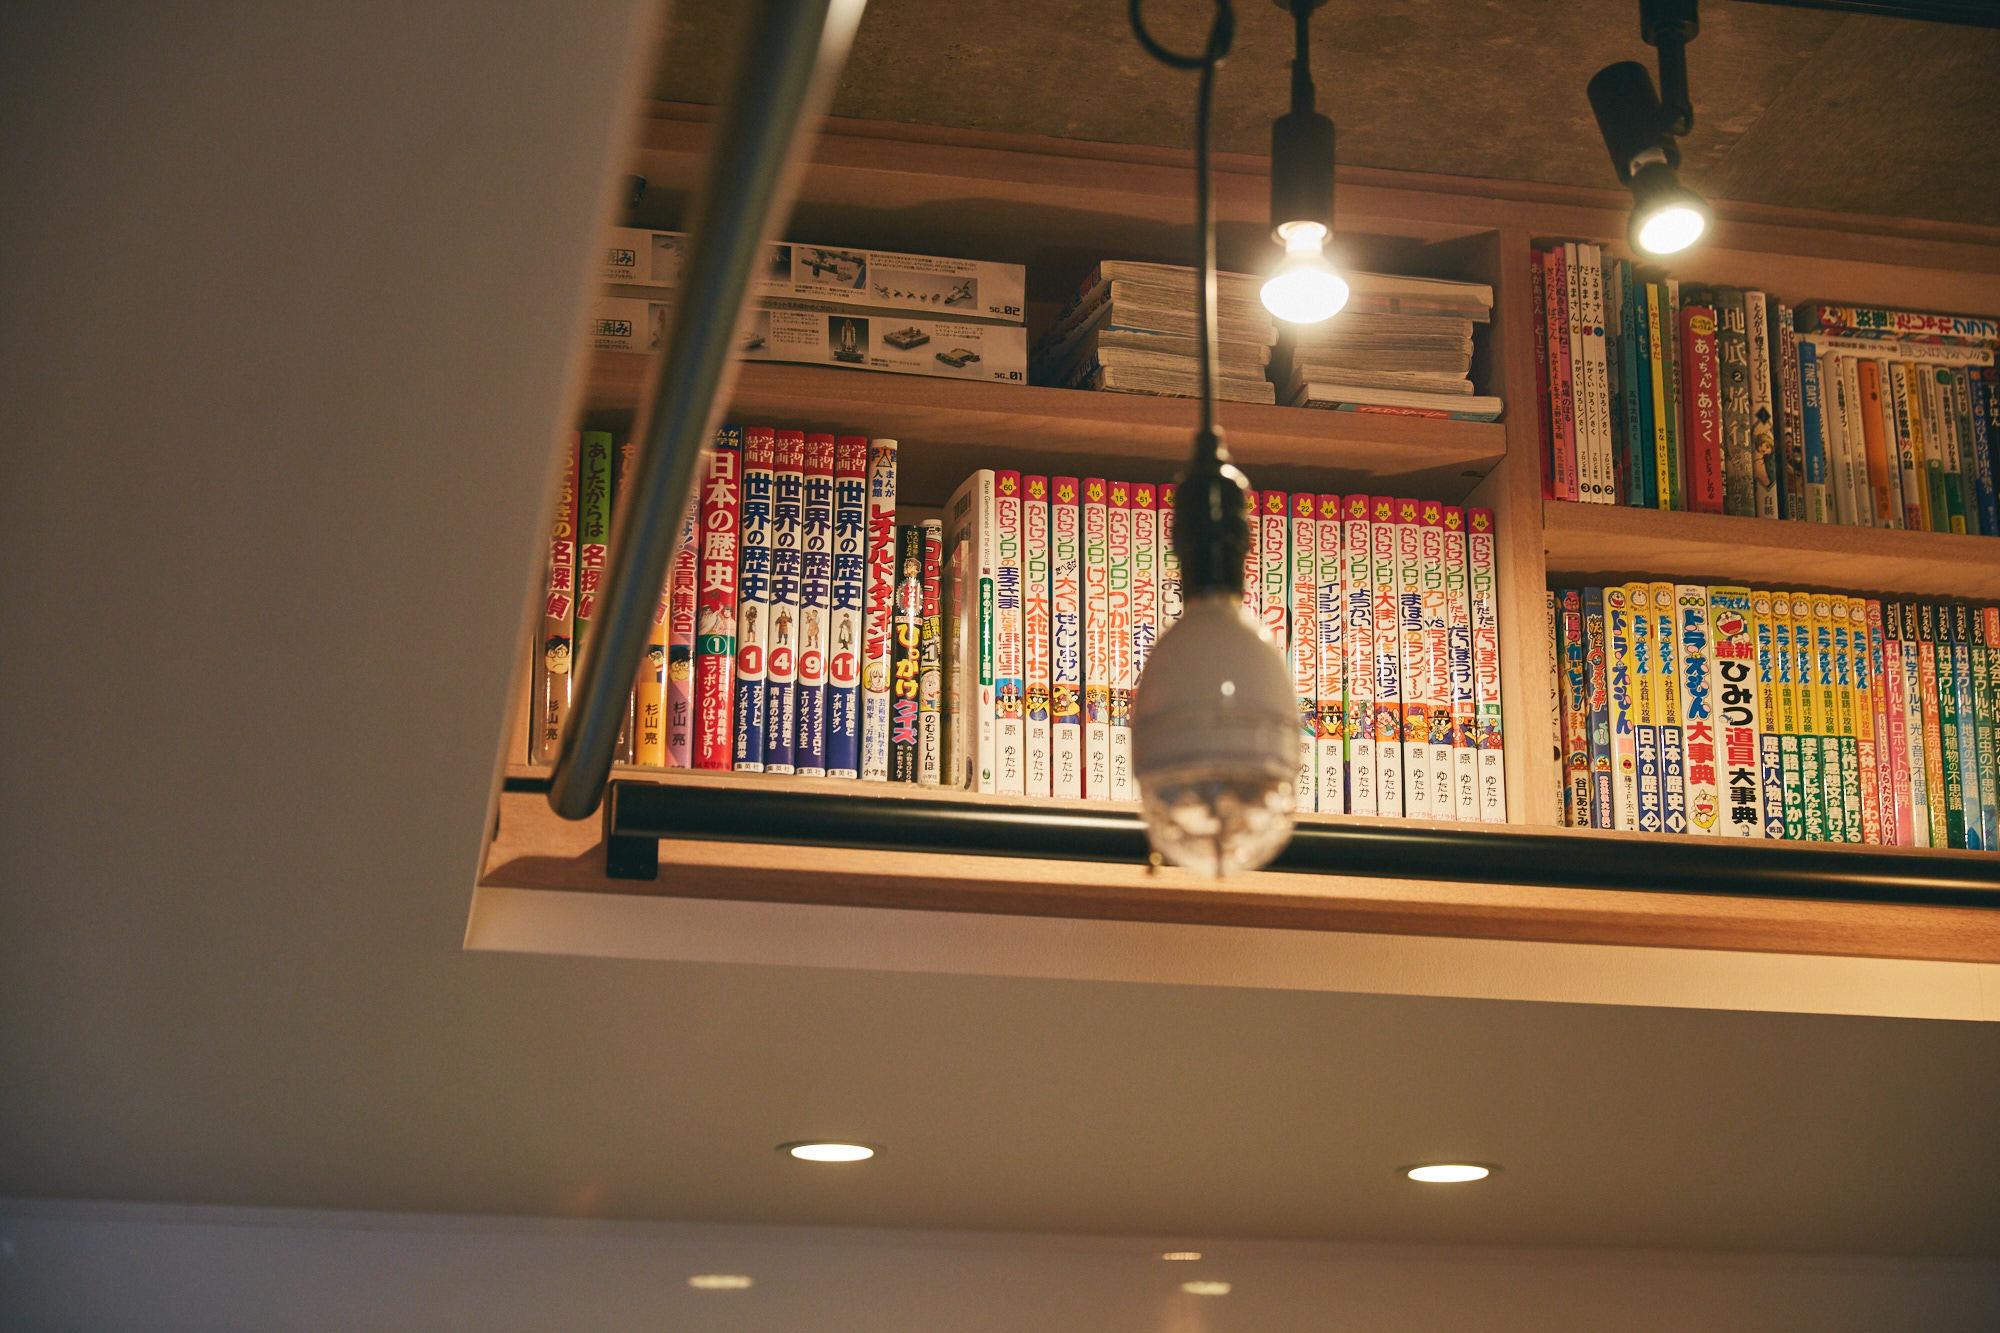 漫画がつまったおしゃれな本棚